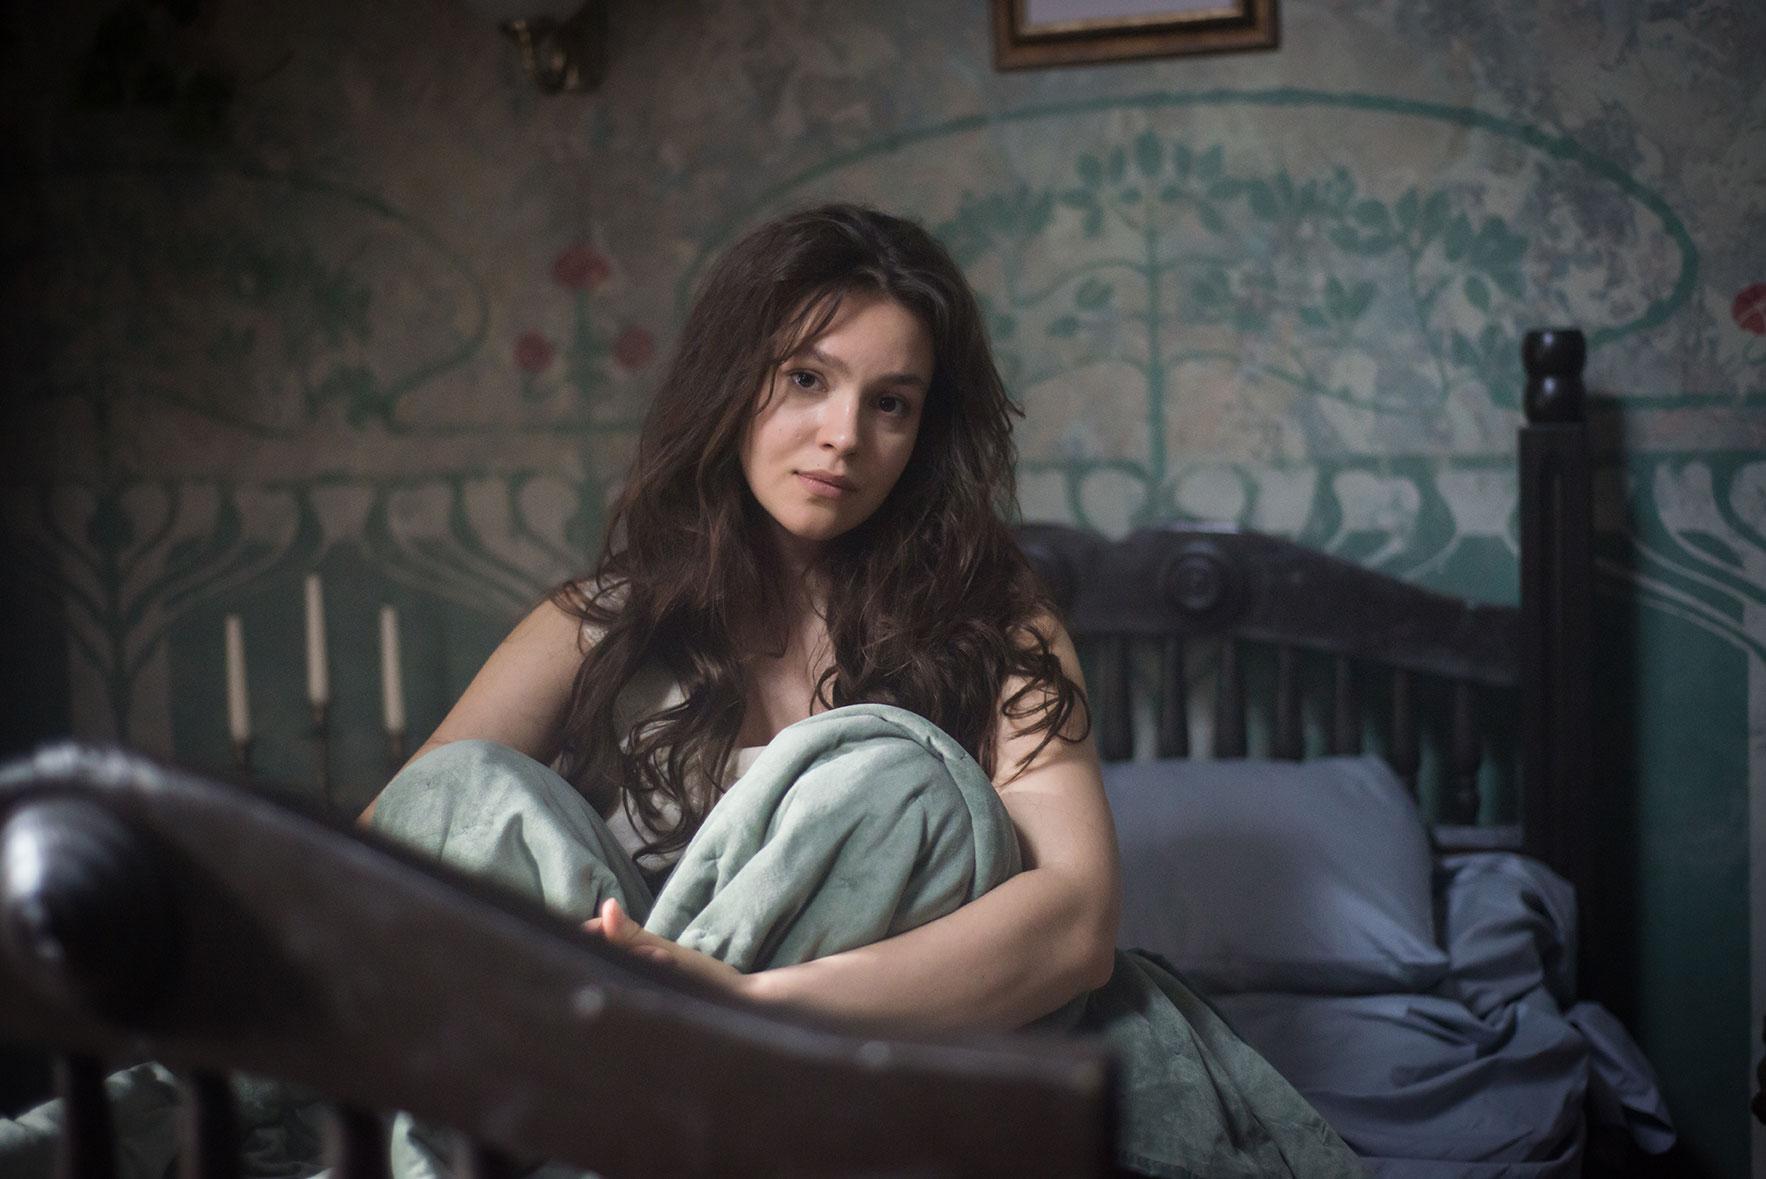 Розпочалися зйомки стрічки «Віддана» за мотивами бестселера Софії Андрухович «Фелікс Австрія»